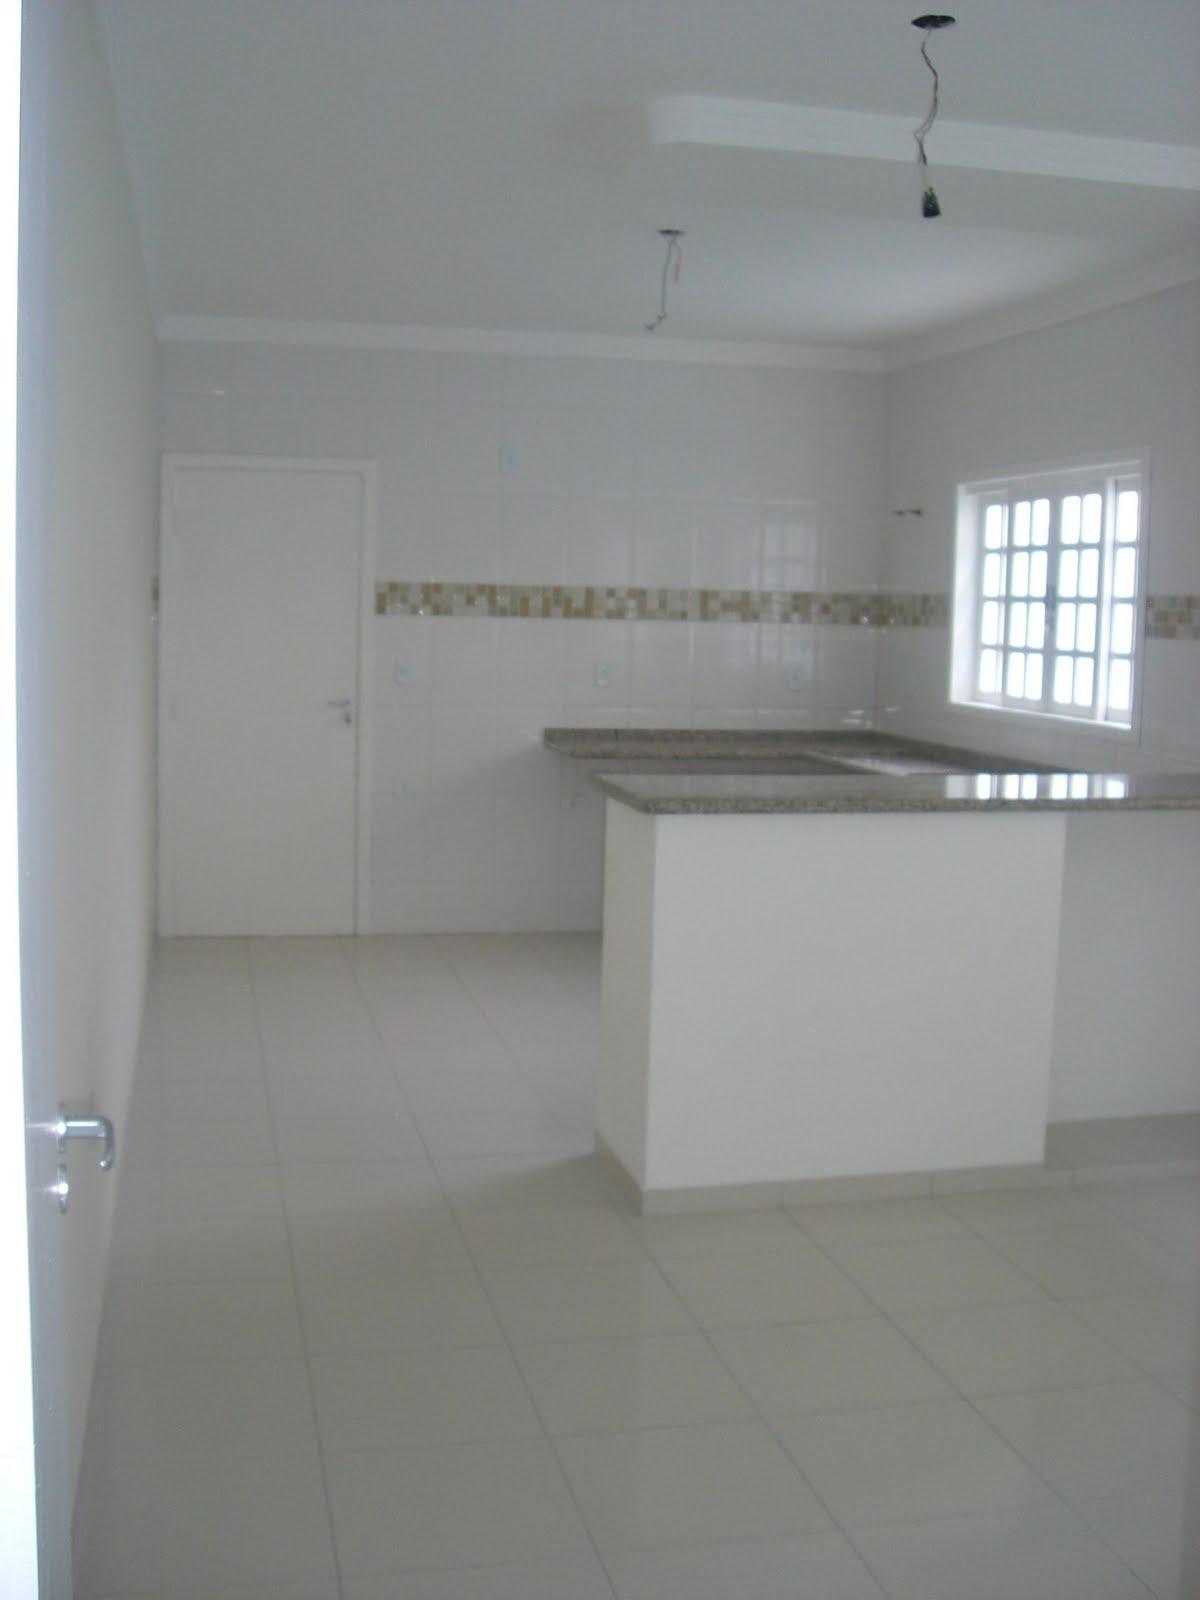 #50707B  com pia em área coberta área de serviço acabamento de alto padrão 1200x1600 px Projetos De Cozinhas Conjugadas Com Copa #489 imagens